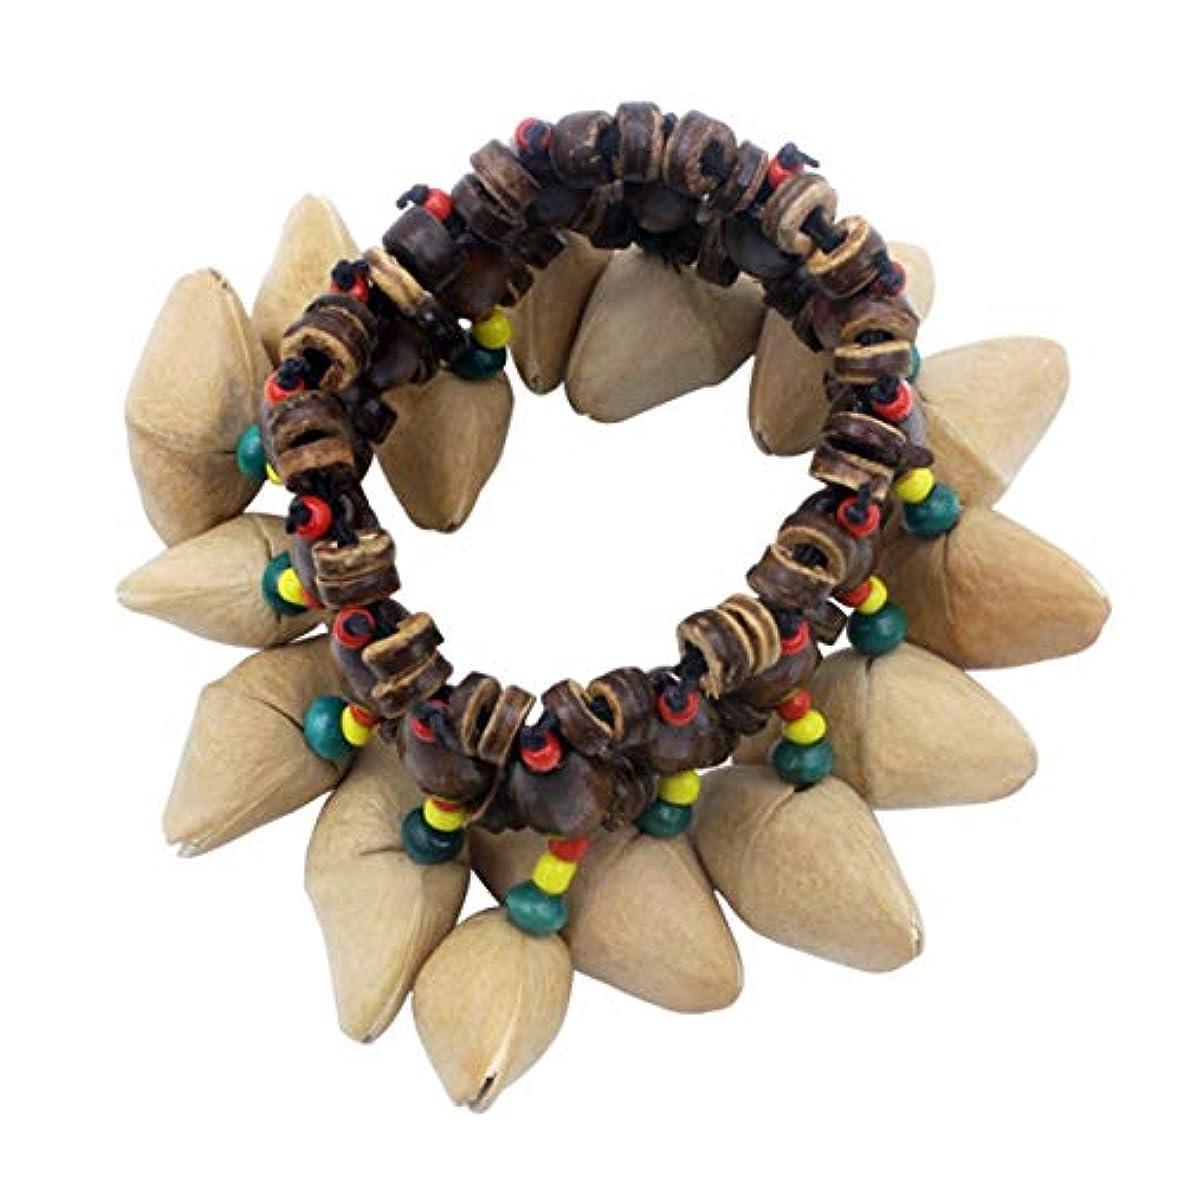 二十放棄する艶Dora Nutshell African Drum Hand Bell Drum Musical Instrument Bell Accessories-Wood Color